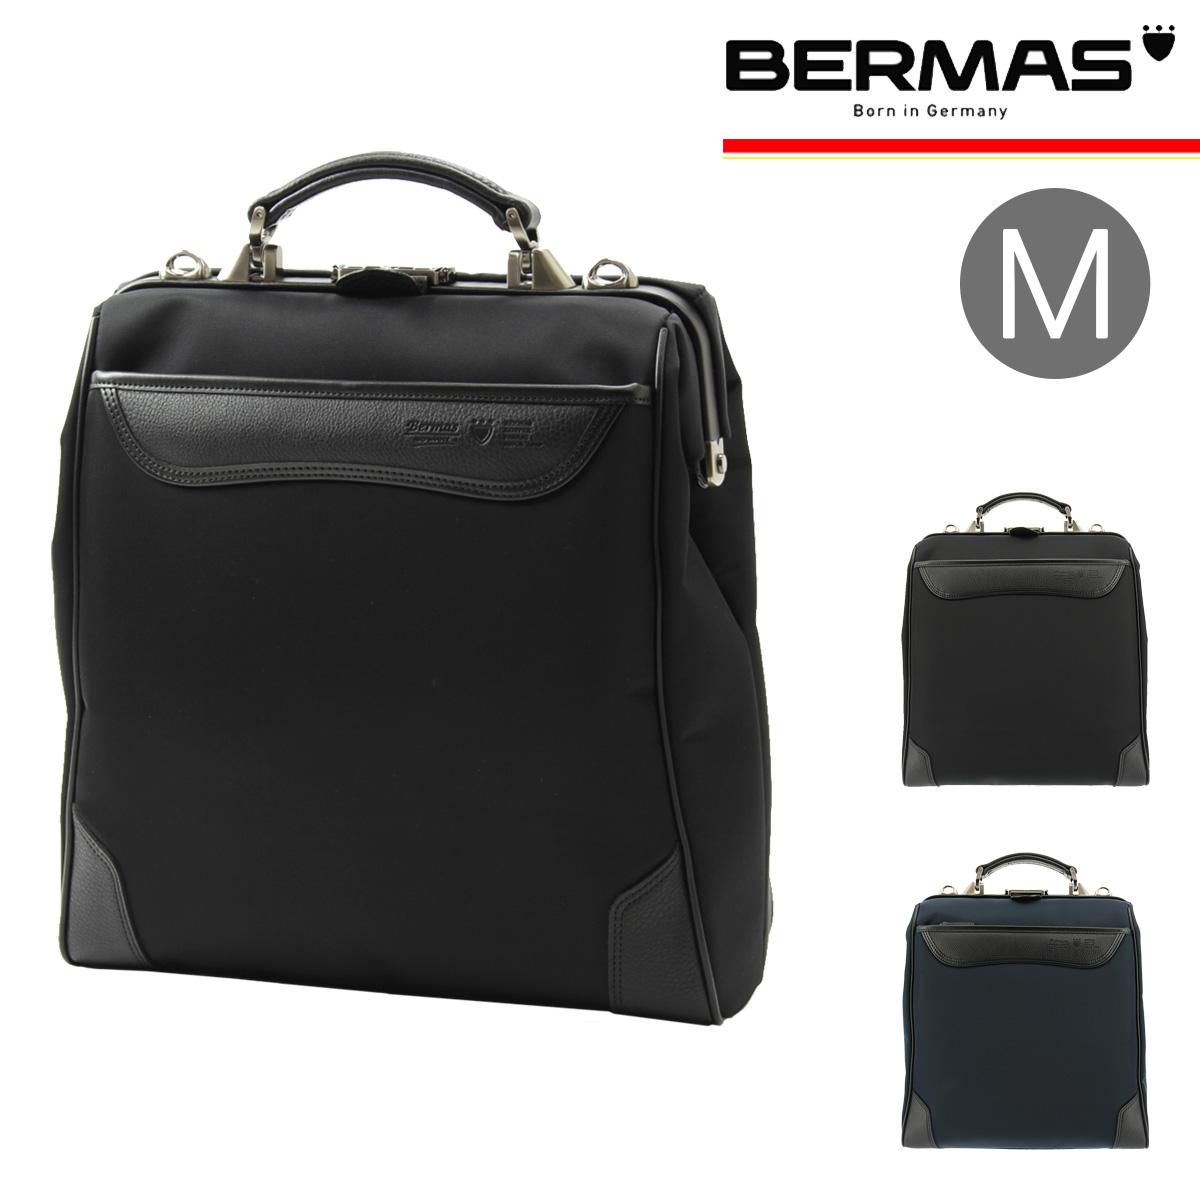 バーマス リュック ファース メンズ 60033 BERMAS   リュックサック A4 ナイロン 日本製[bef][PO10]